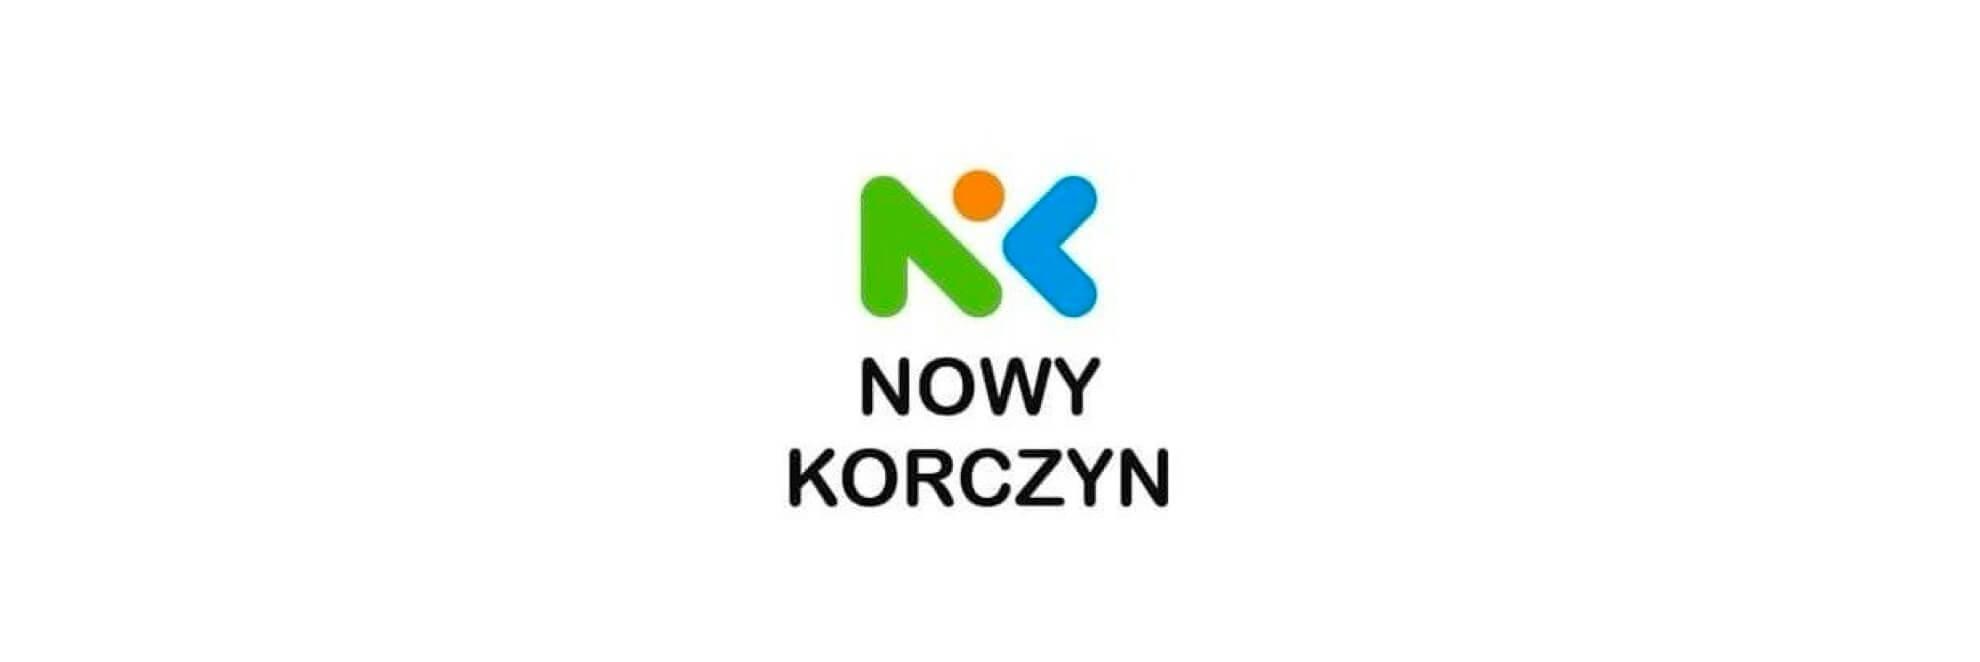 Nowy Korczyn znowym logo